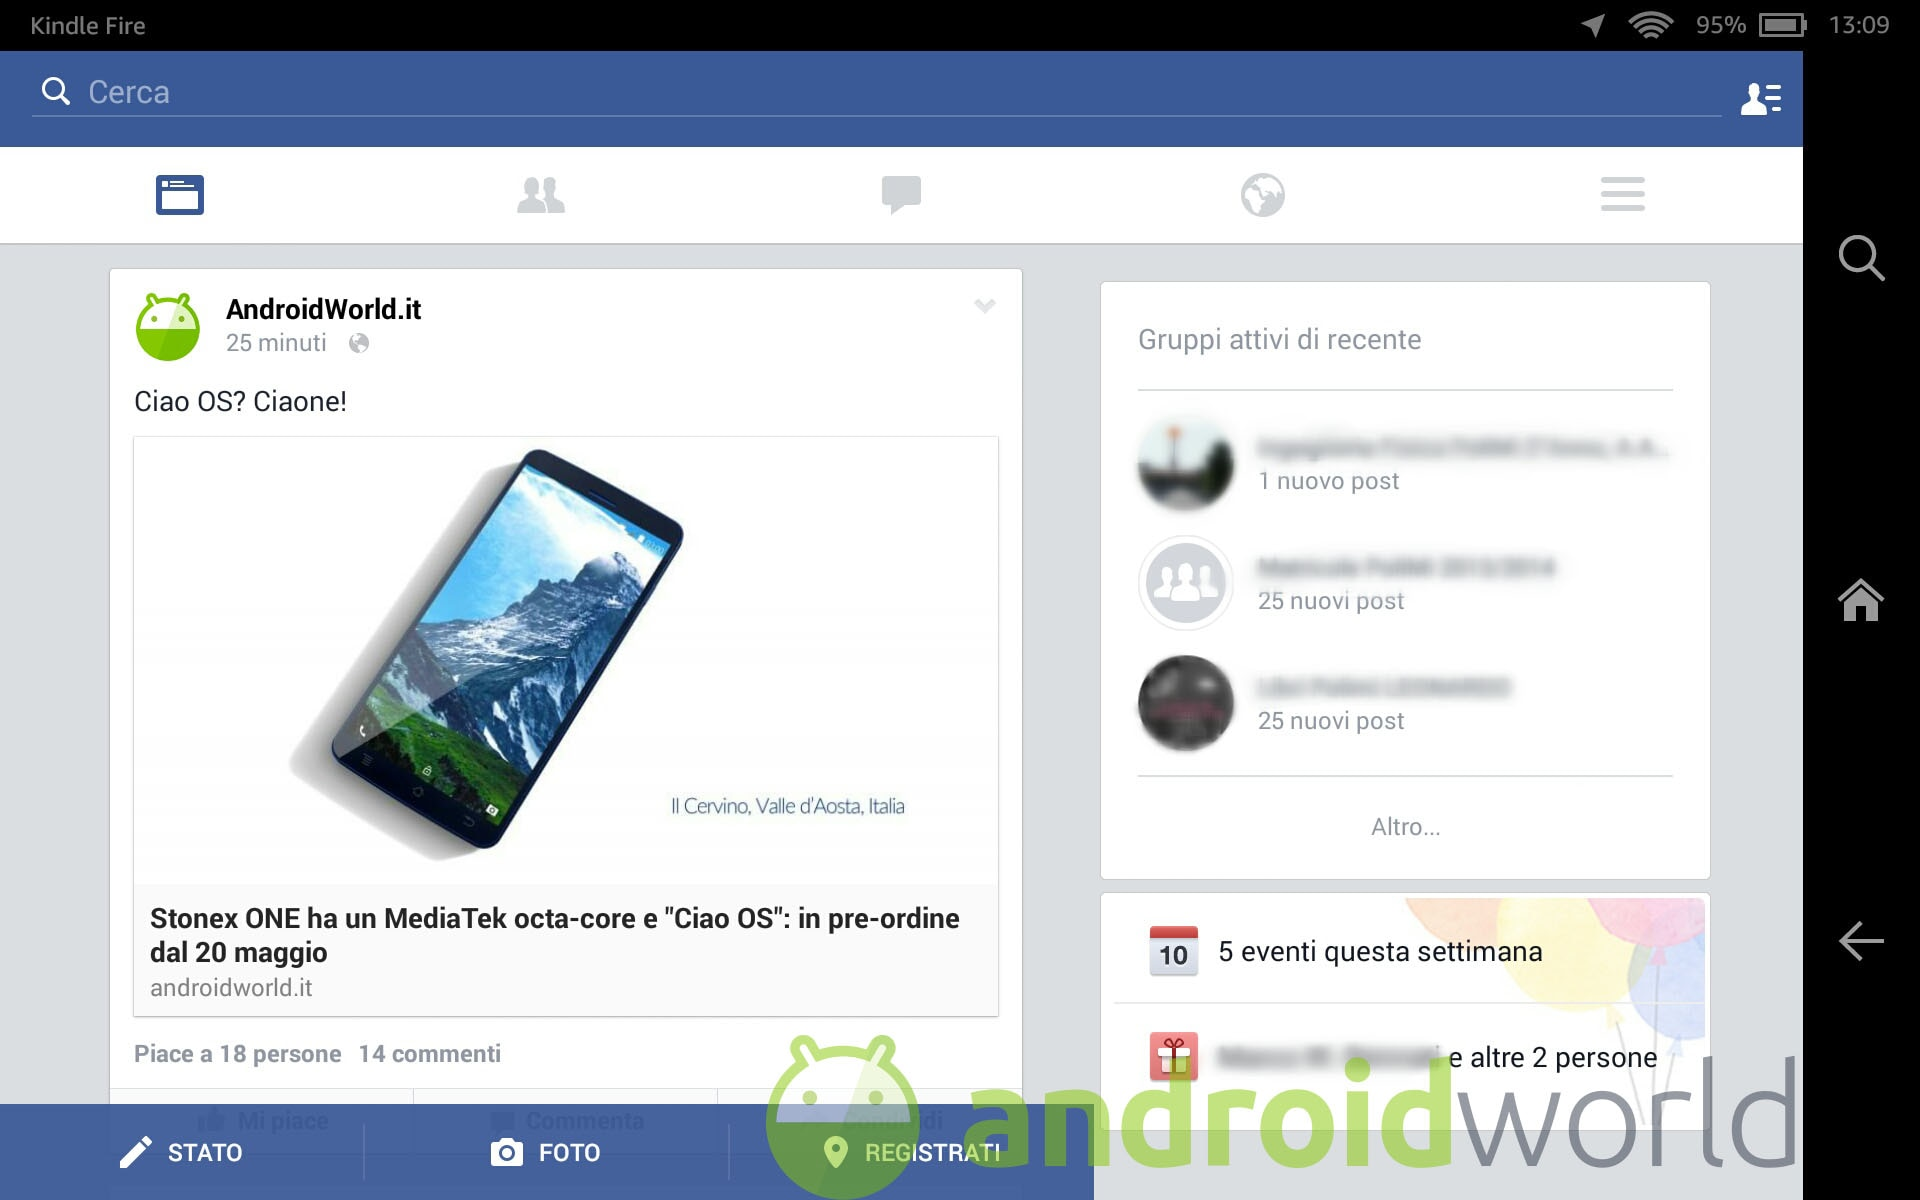 Avete Mai Visto Questa Interfaccia Di Facebook Su Tablet